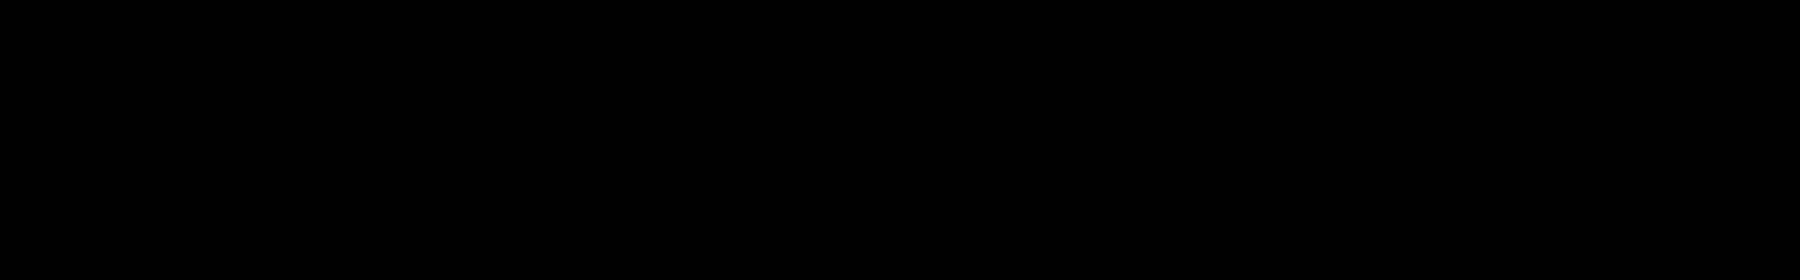 Astro audio waveform